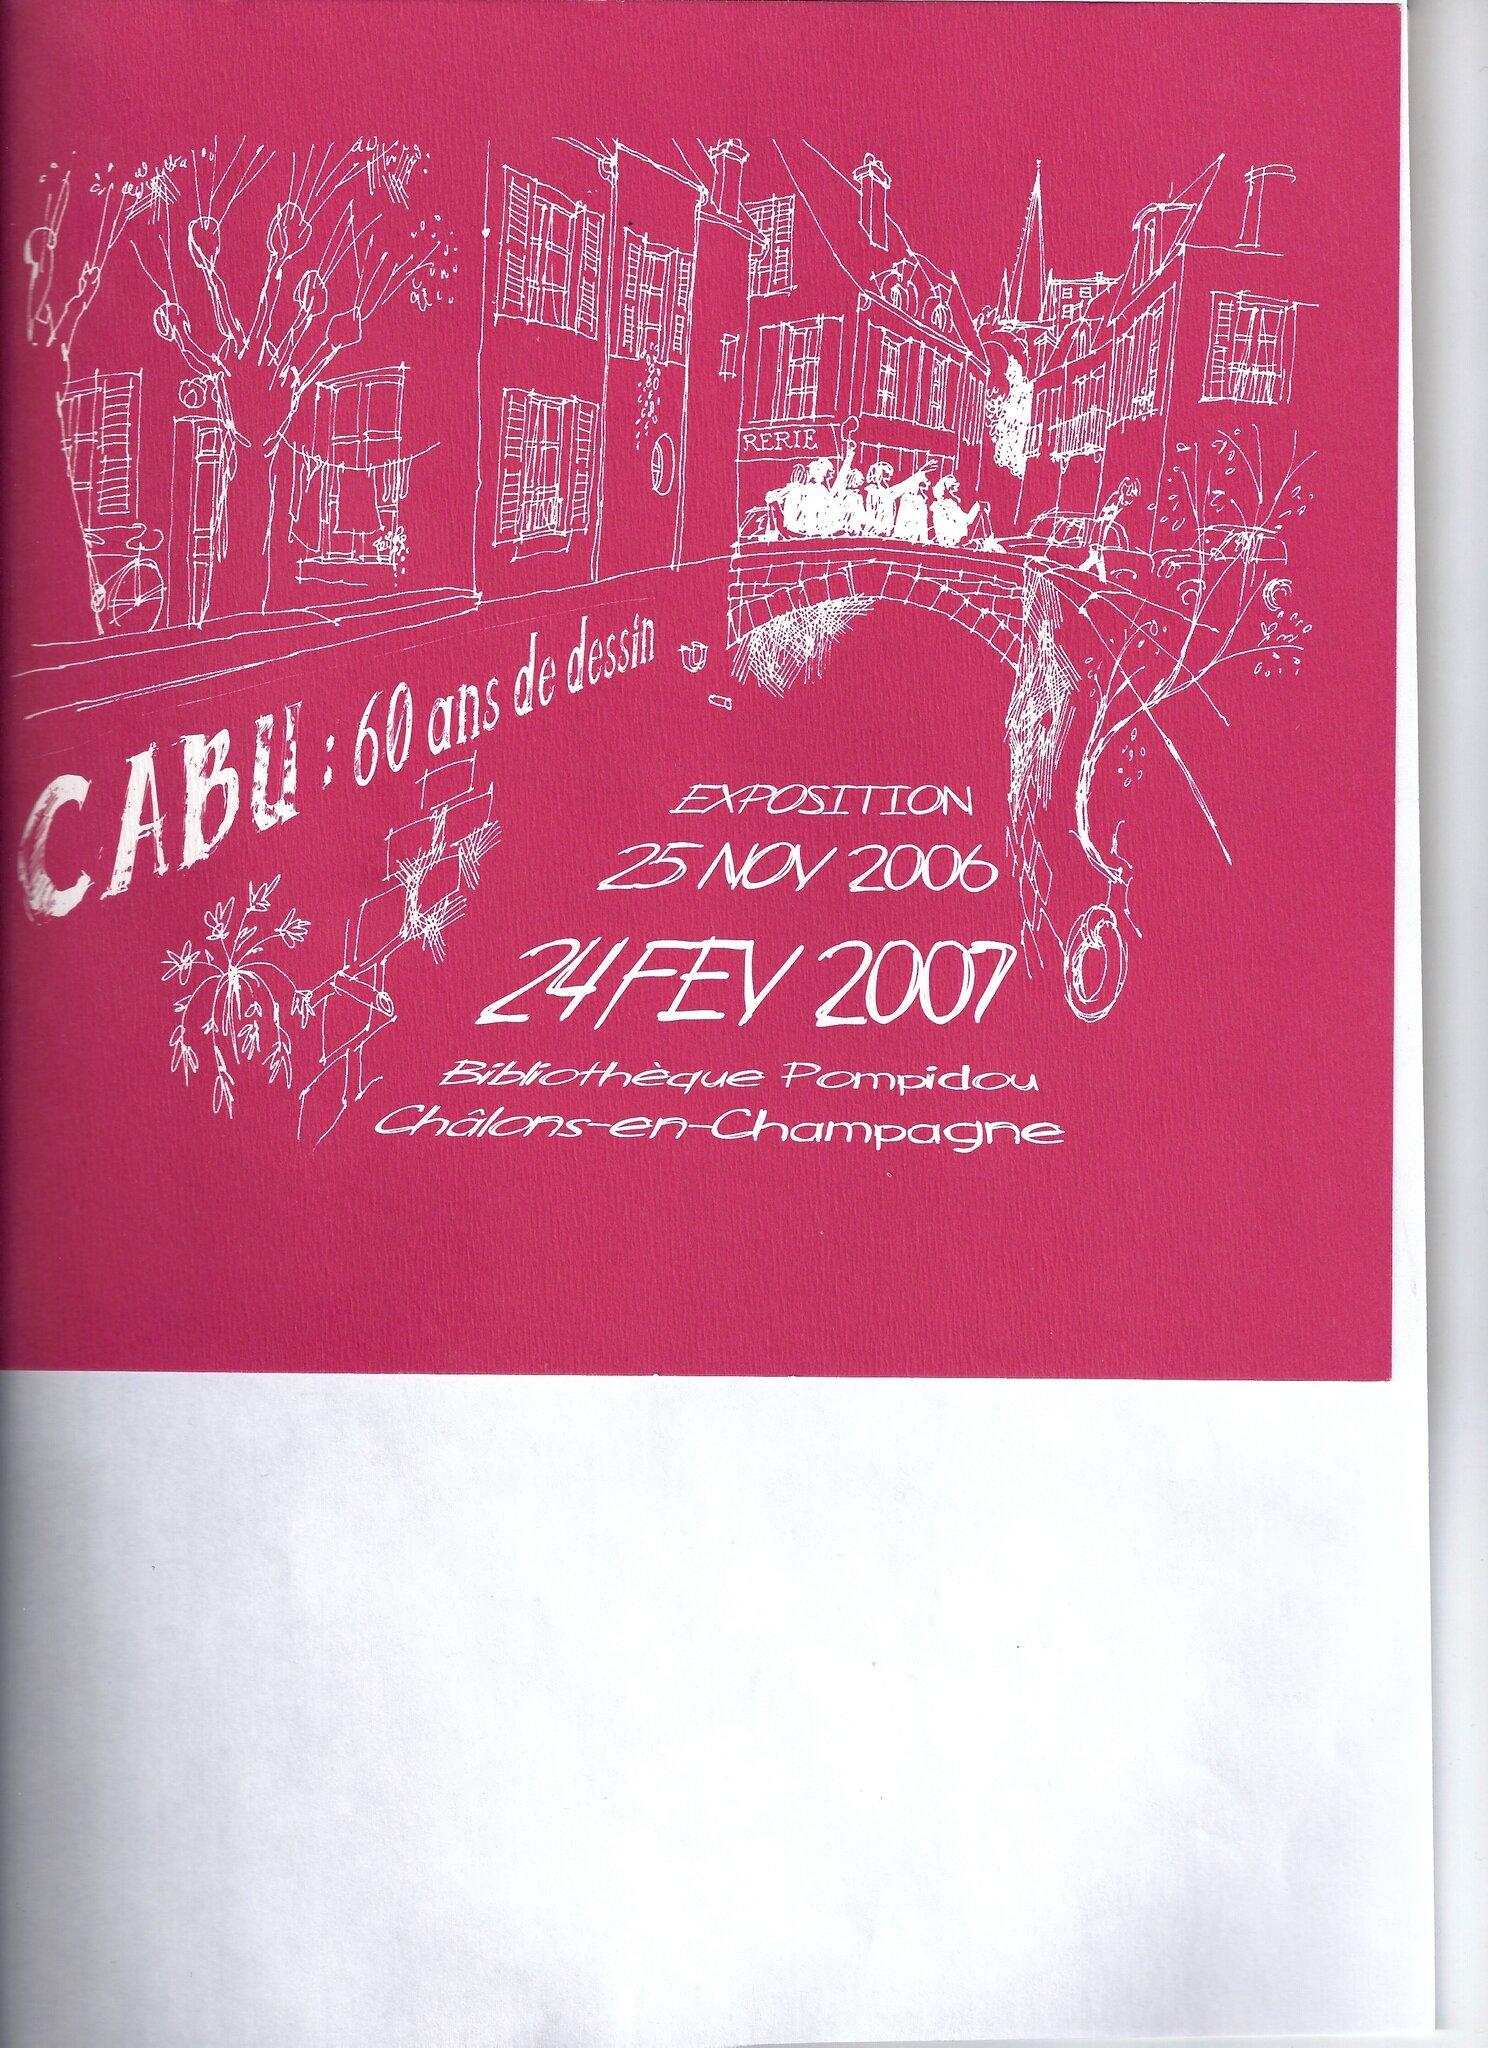 Cabu_60_ans_de_dessins_p0